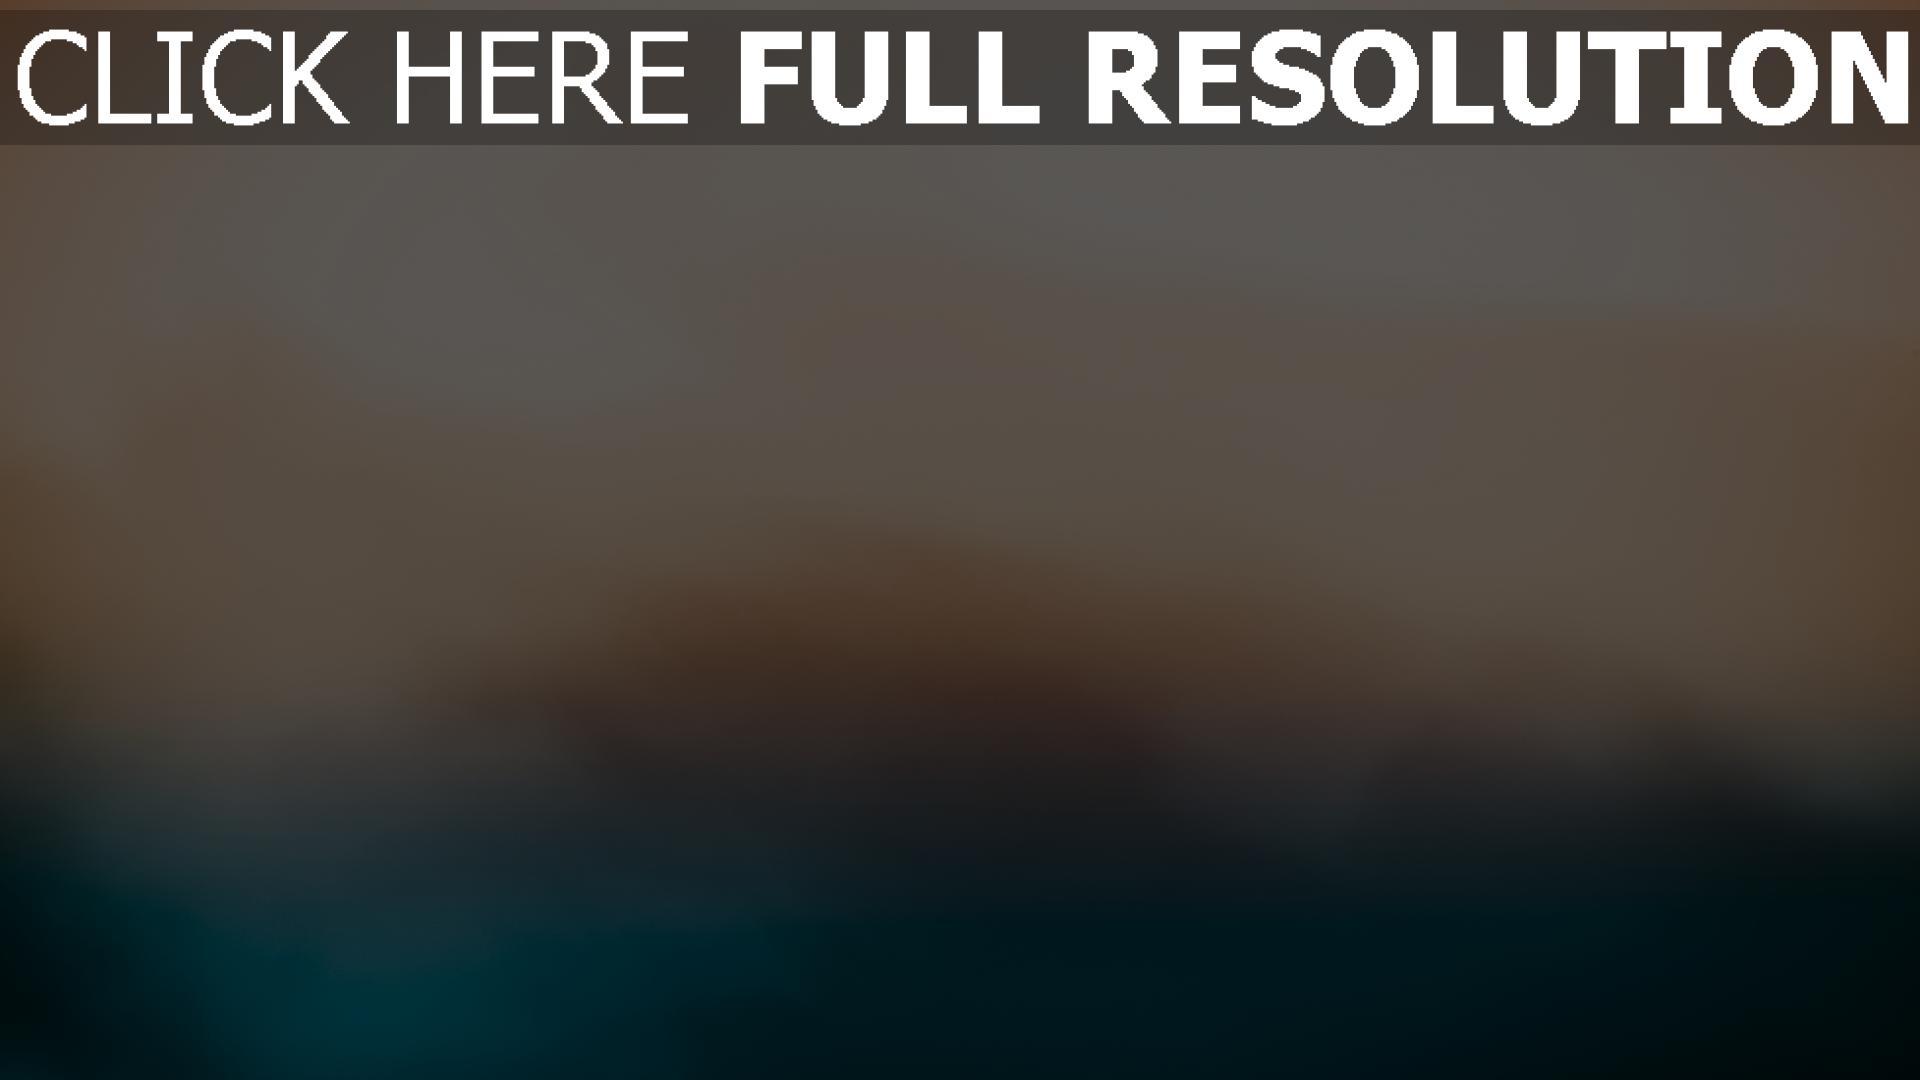 fond d'écran 1920x1080 fumée lumière turquoise